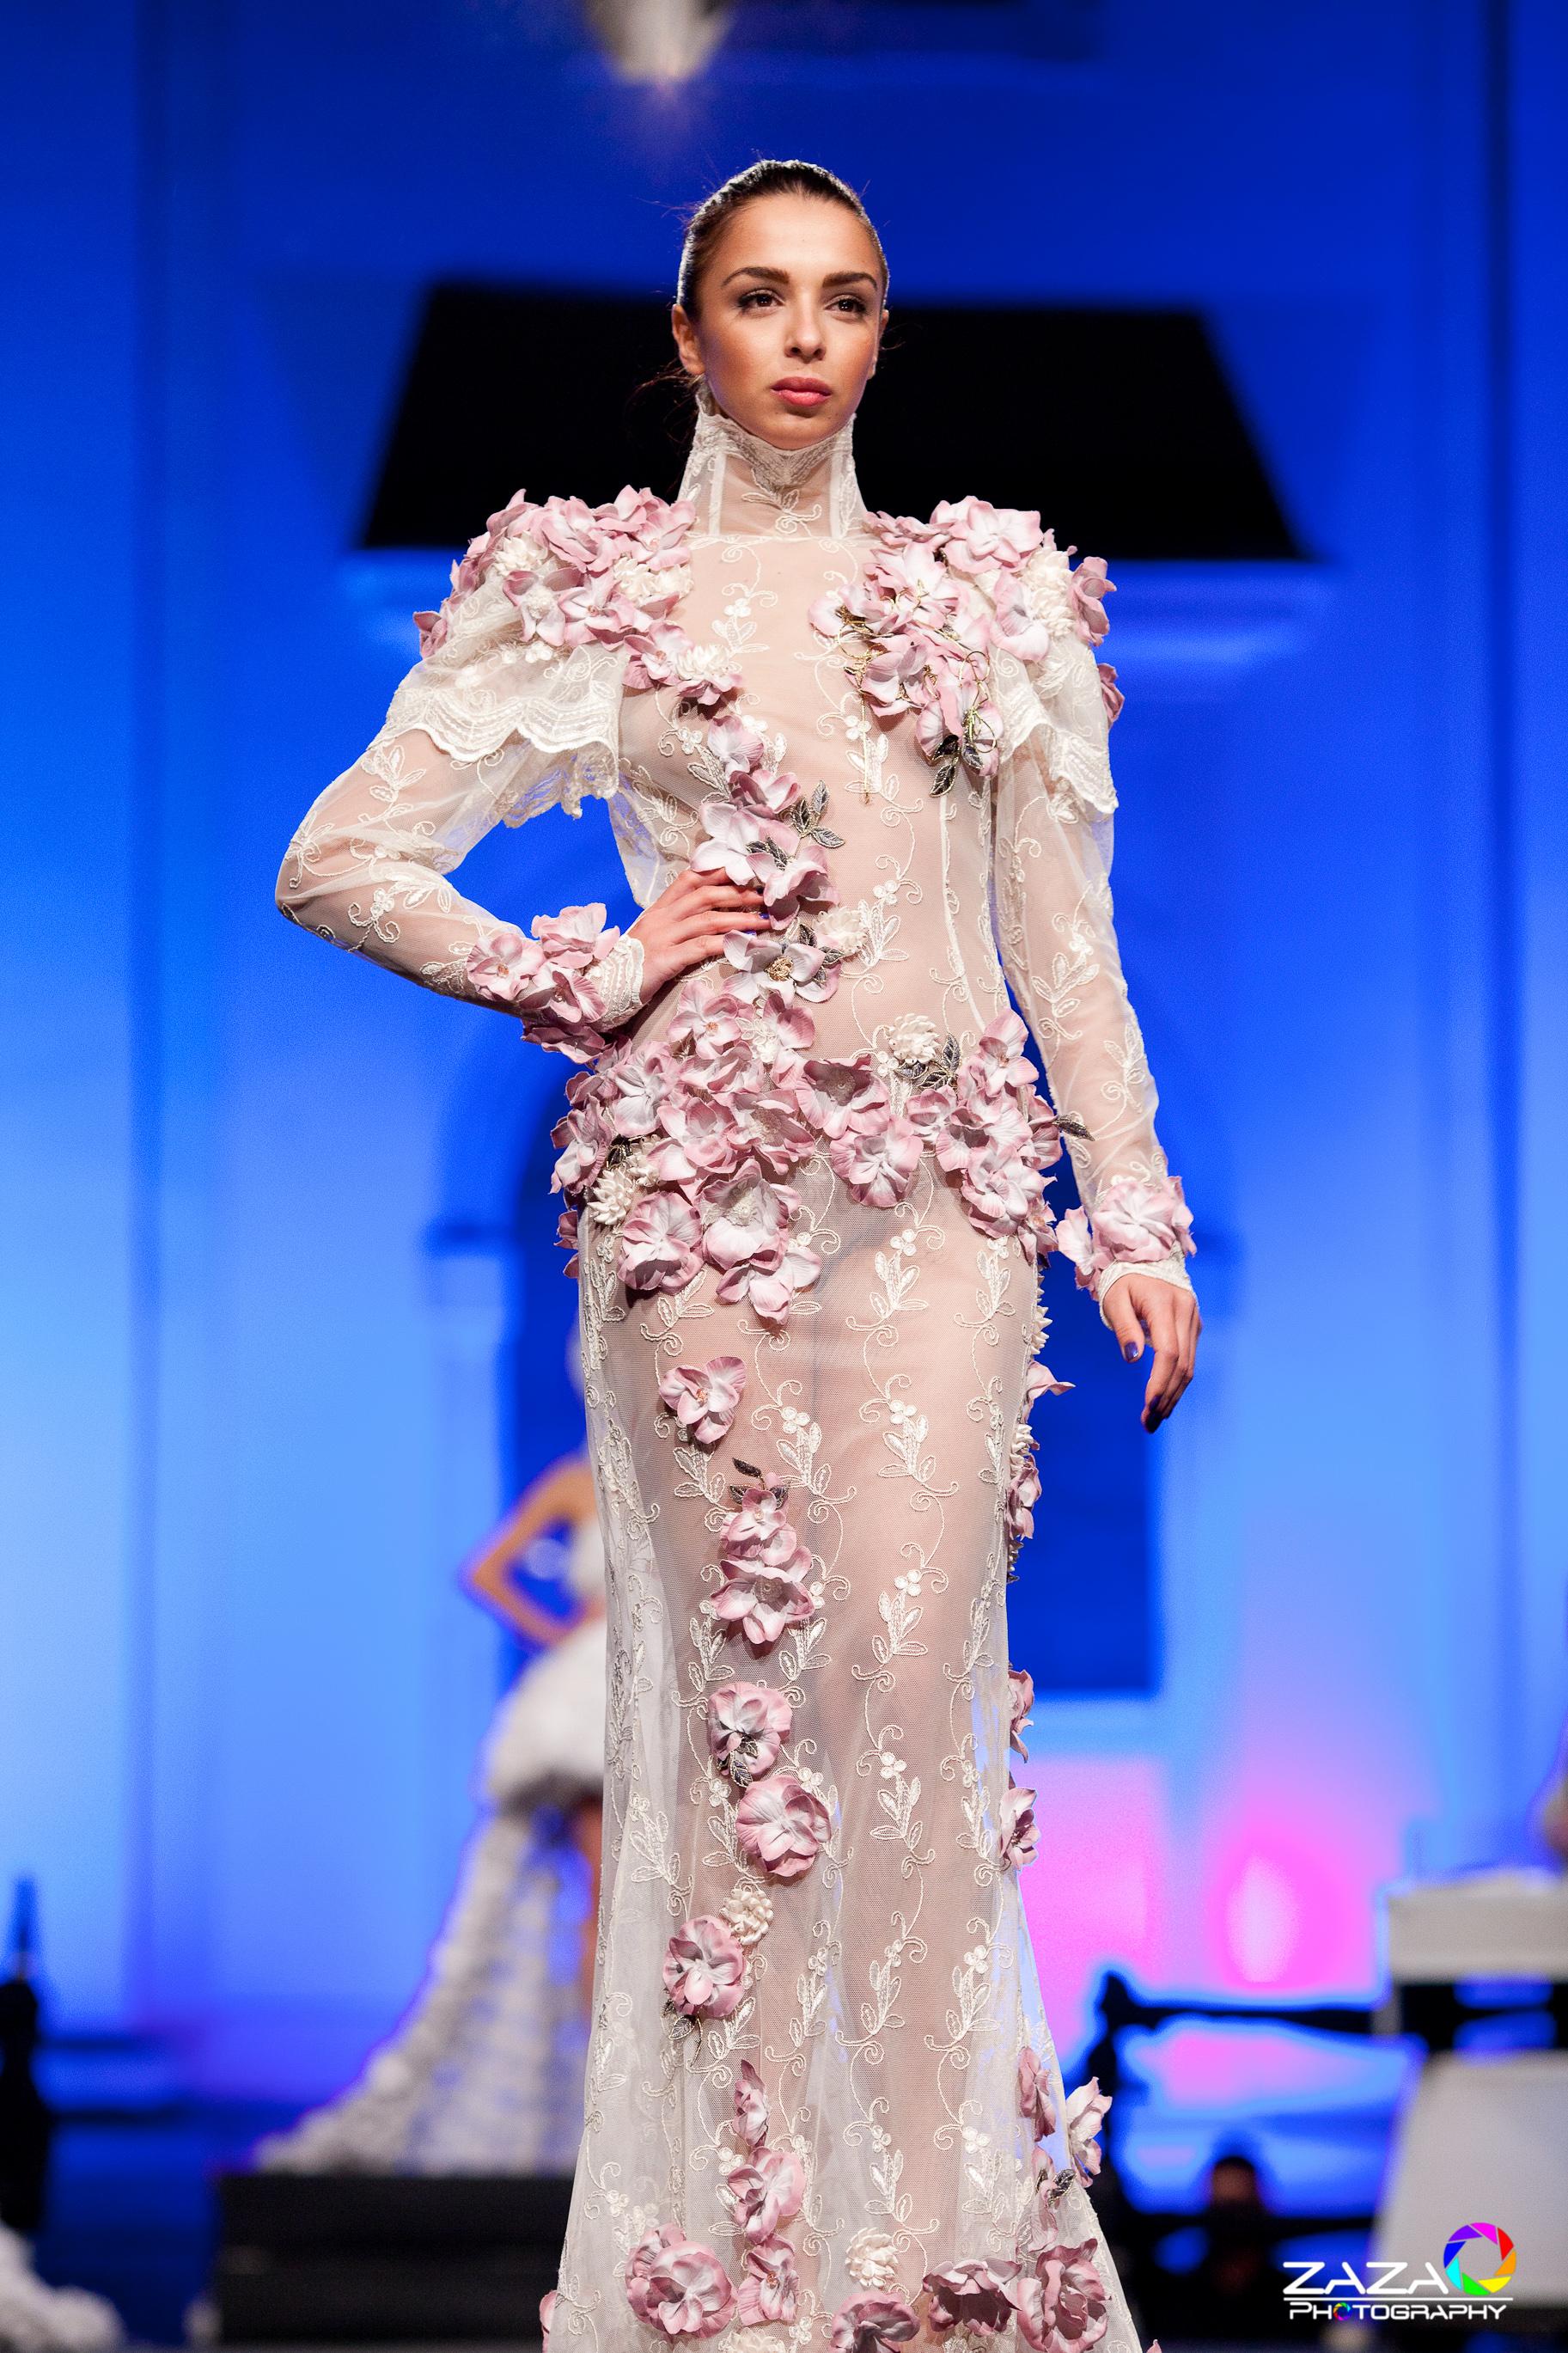 Dupa o perioada de pauza, creatoarea de moda a revenit pe podium cu rochii spectaculoase